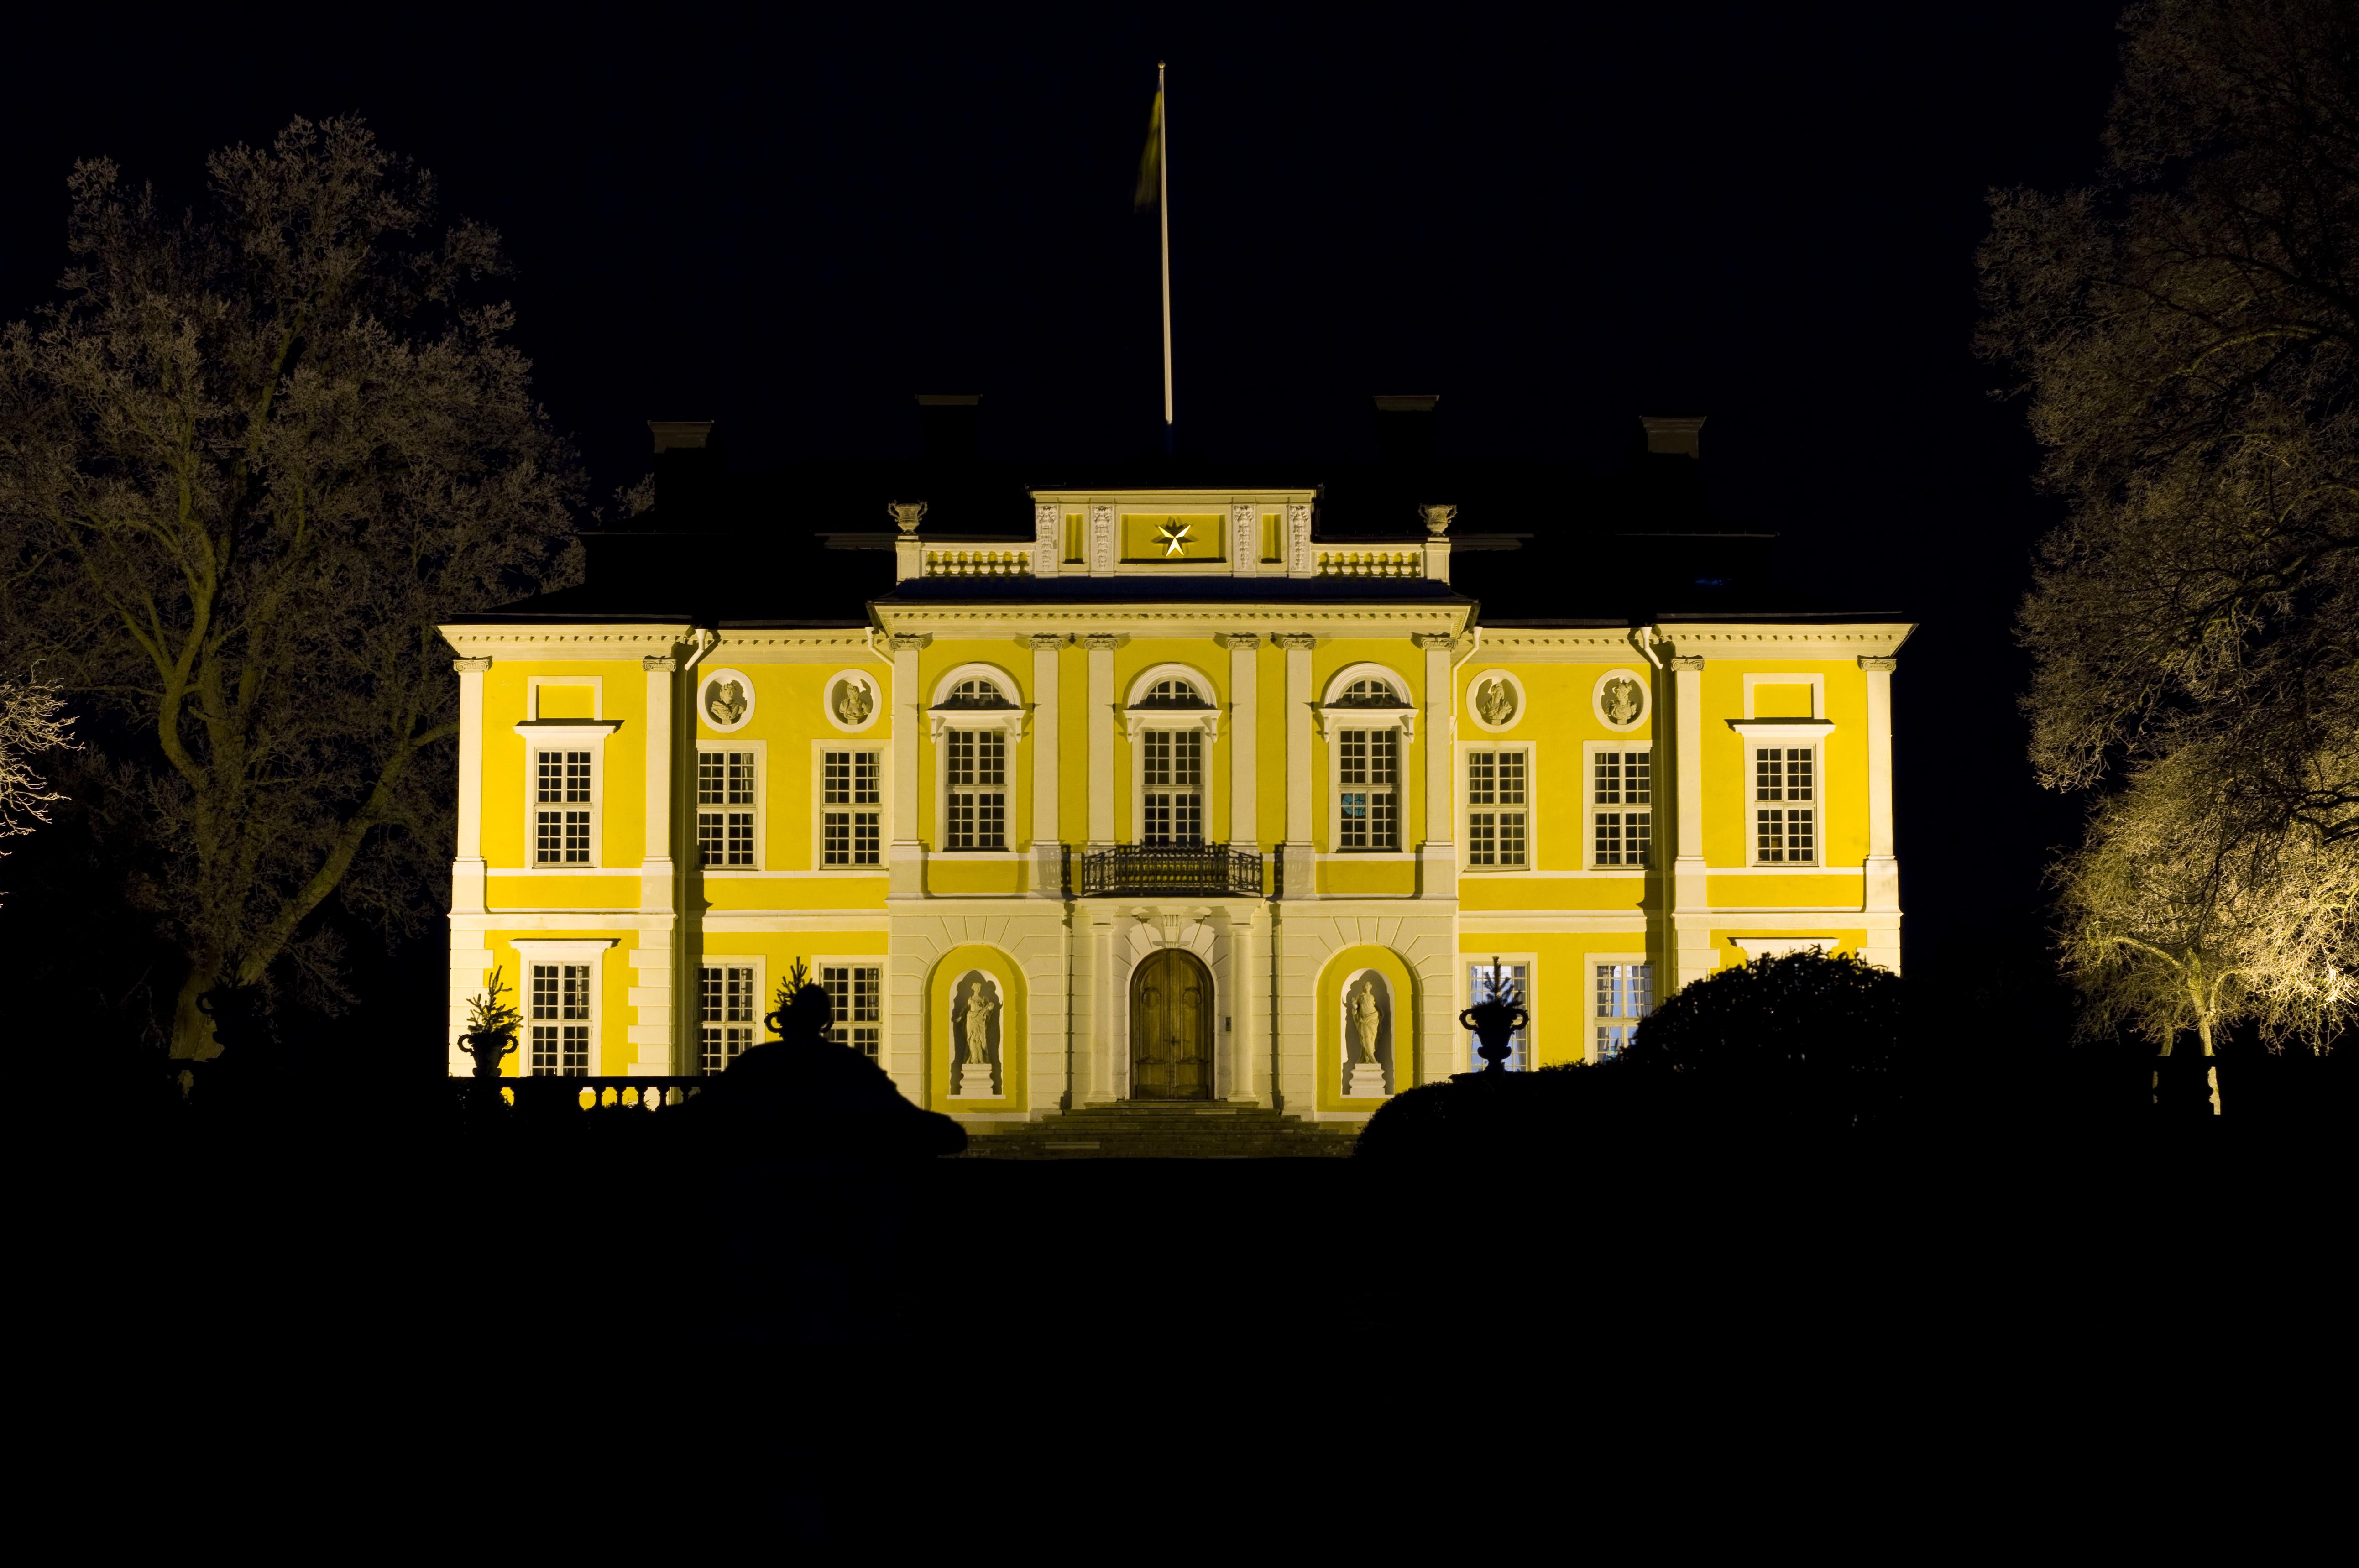 Steningen Kk & Skafferi - Picture of Steninge Castle, Marsta